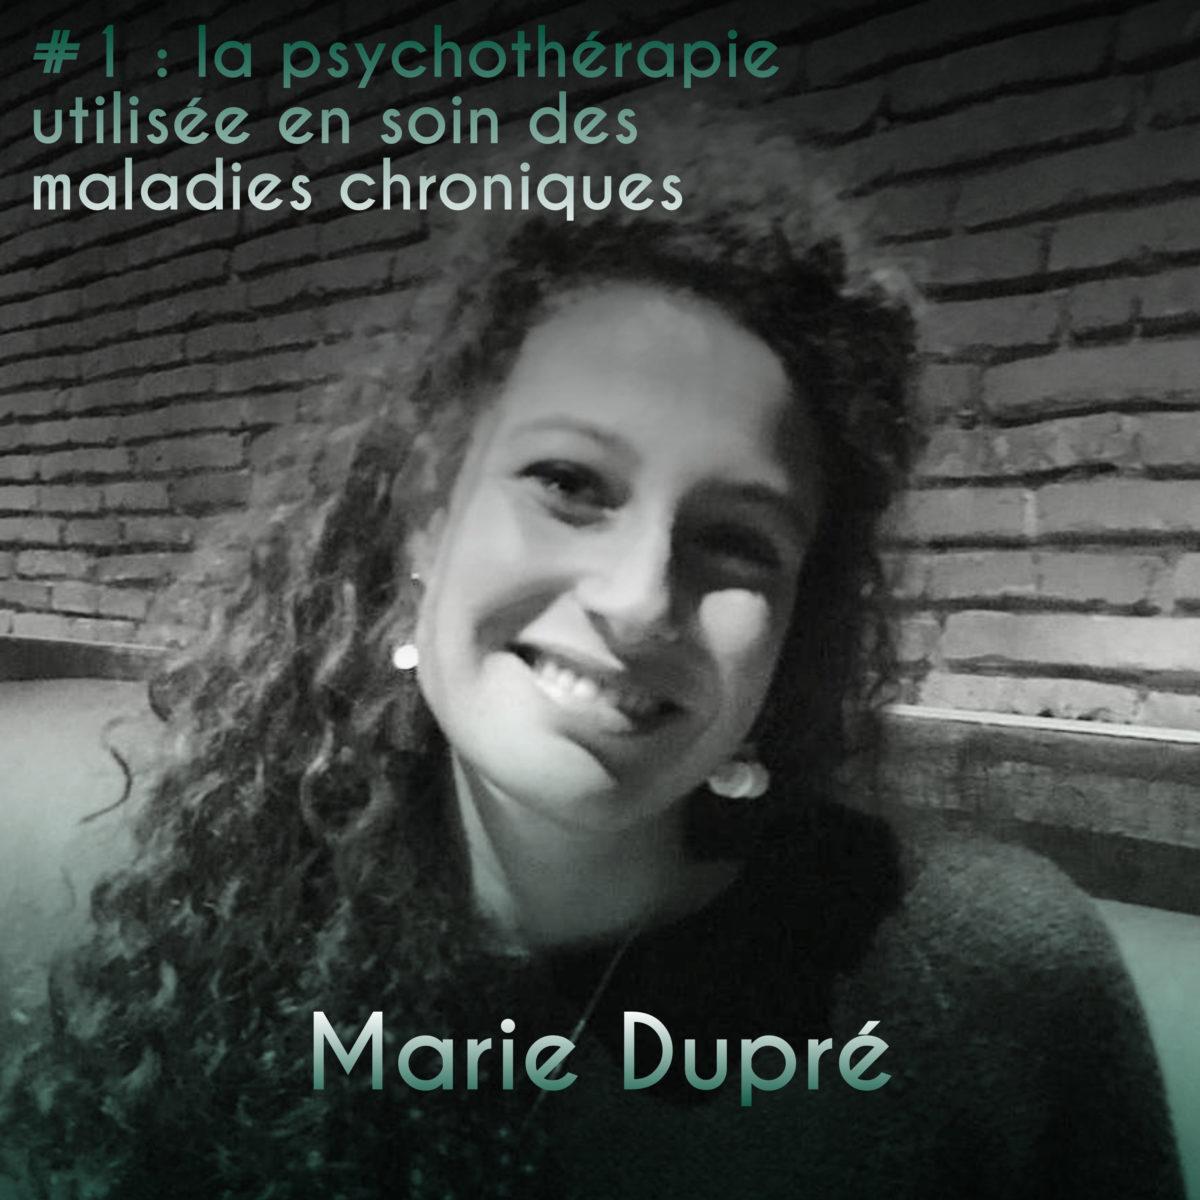 Couverture Podcast #1 Marie Dupré